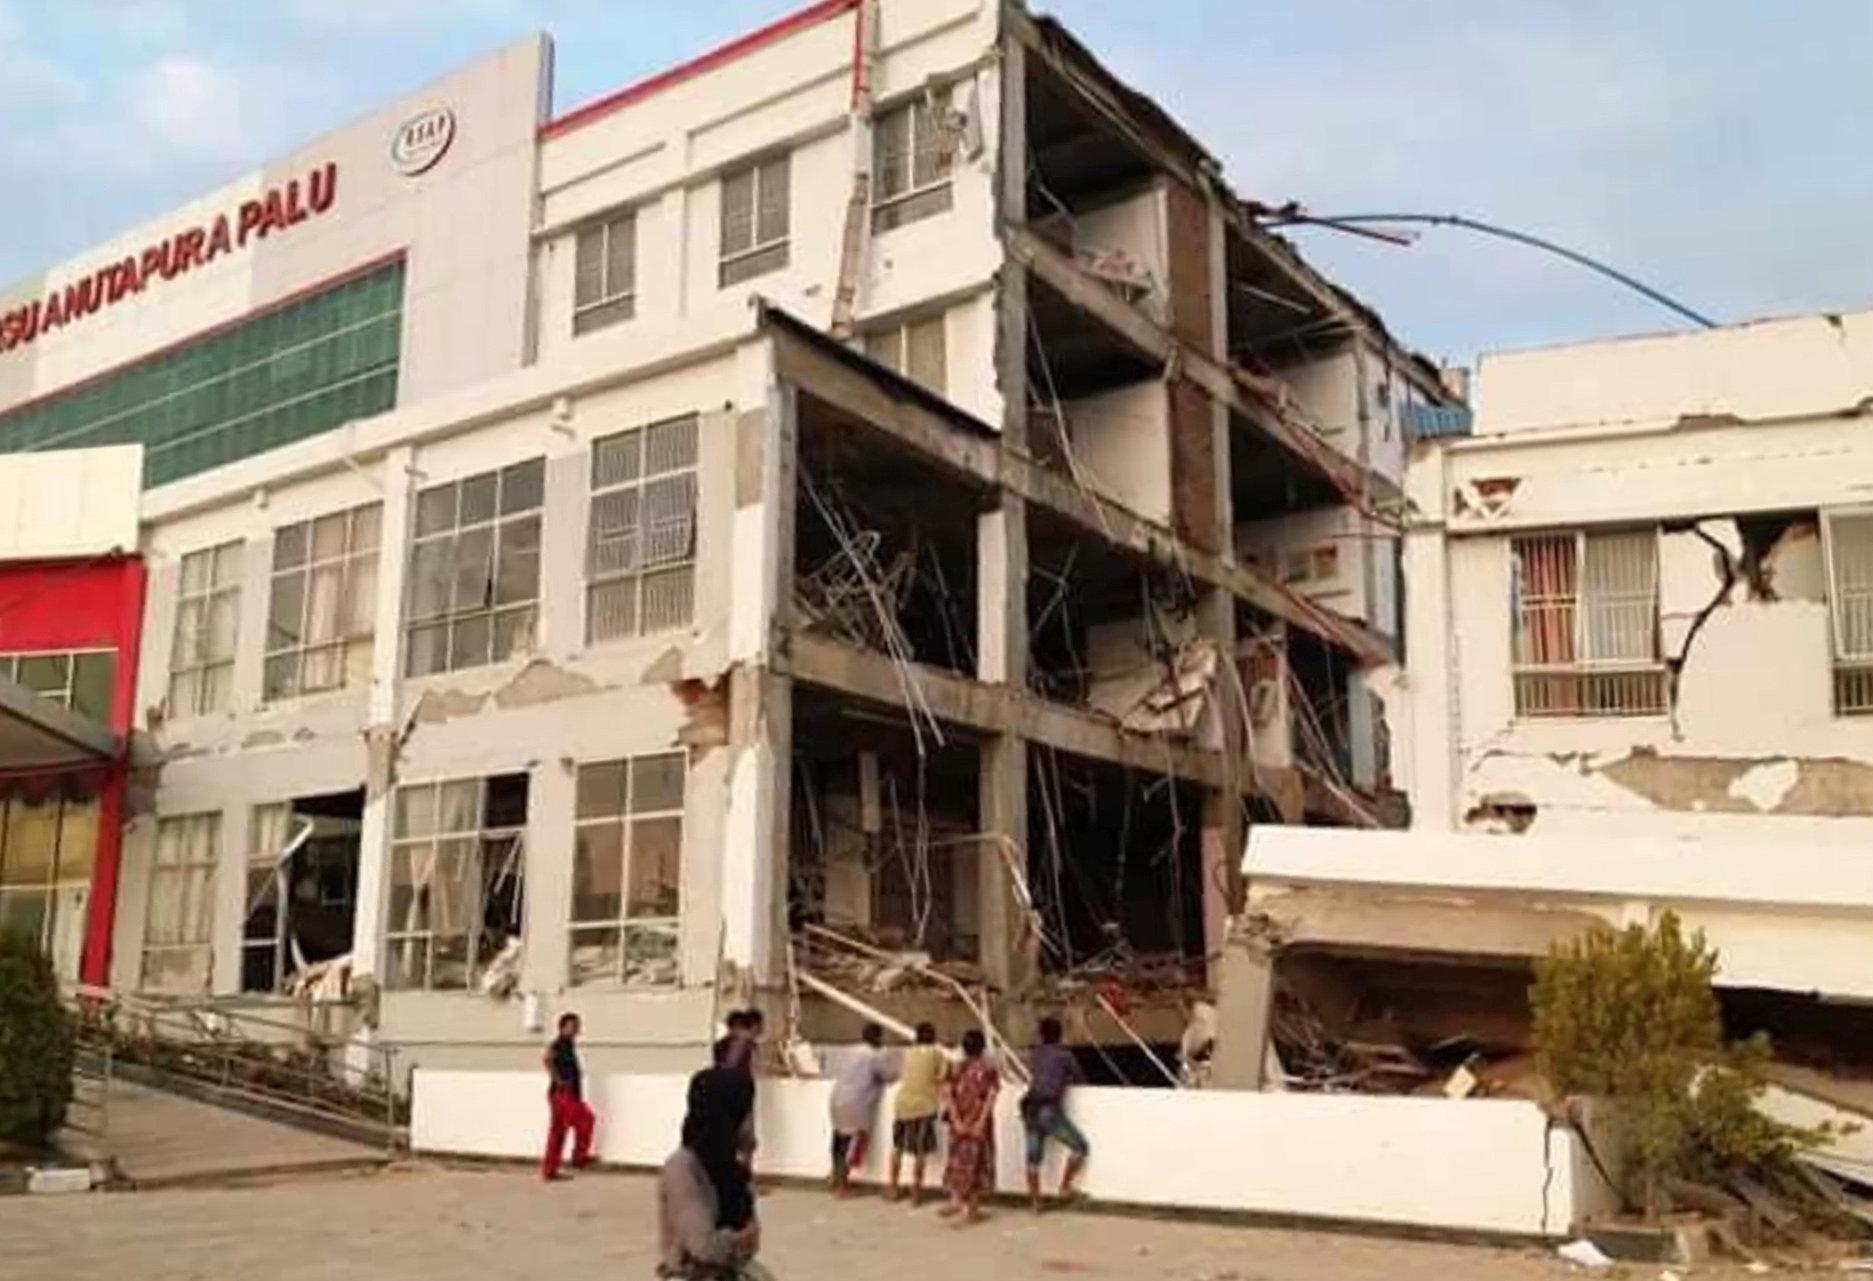 El hospital en Palu quedó destruido.